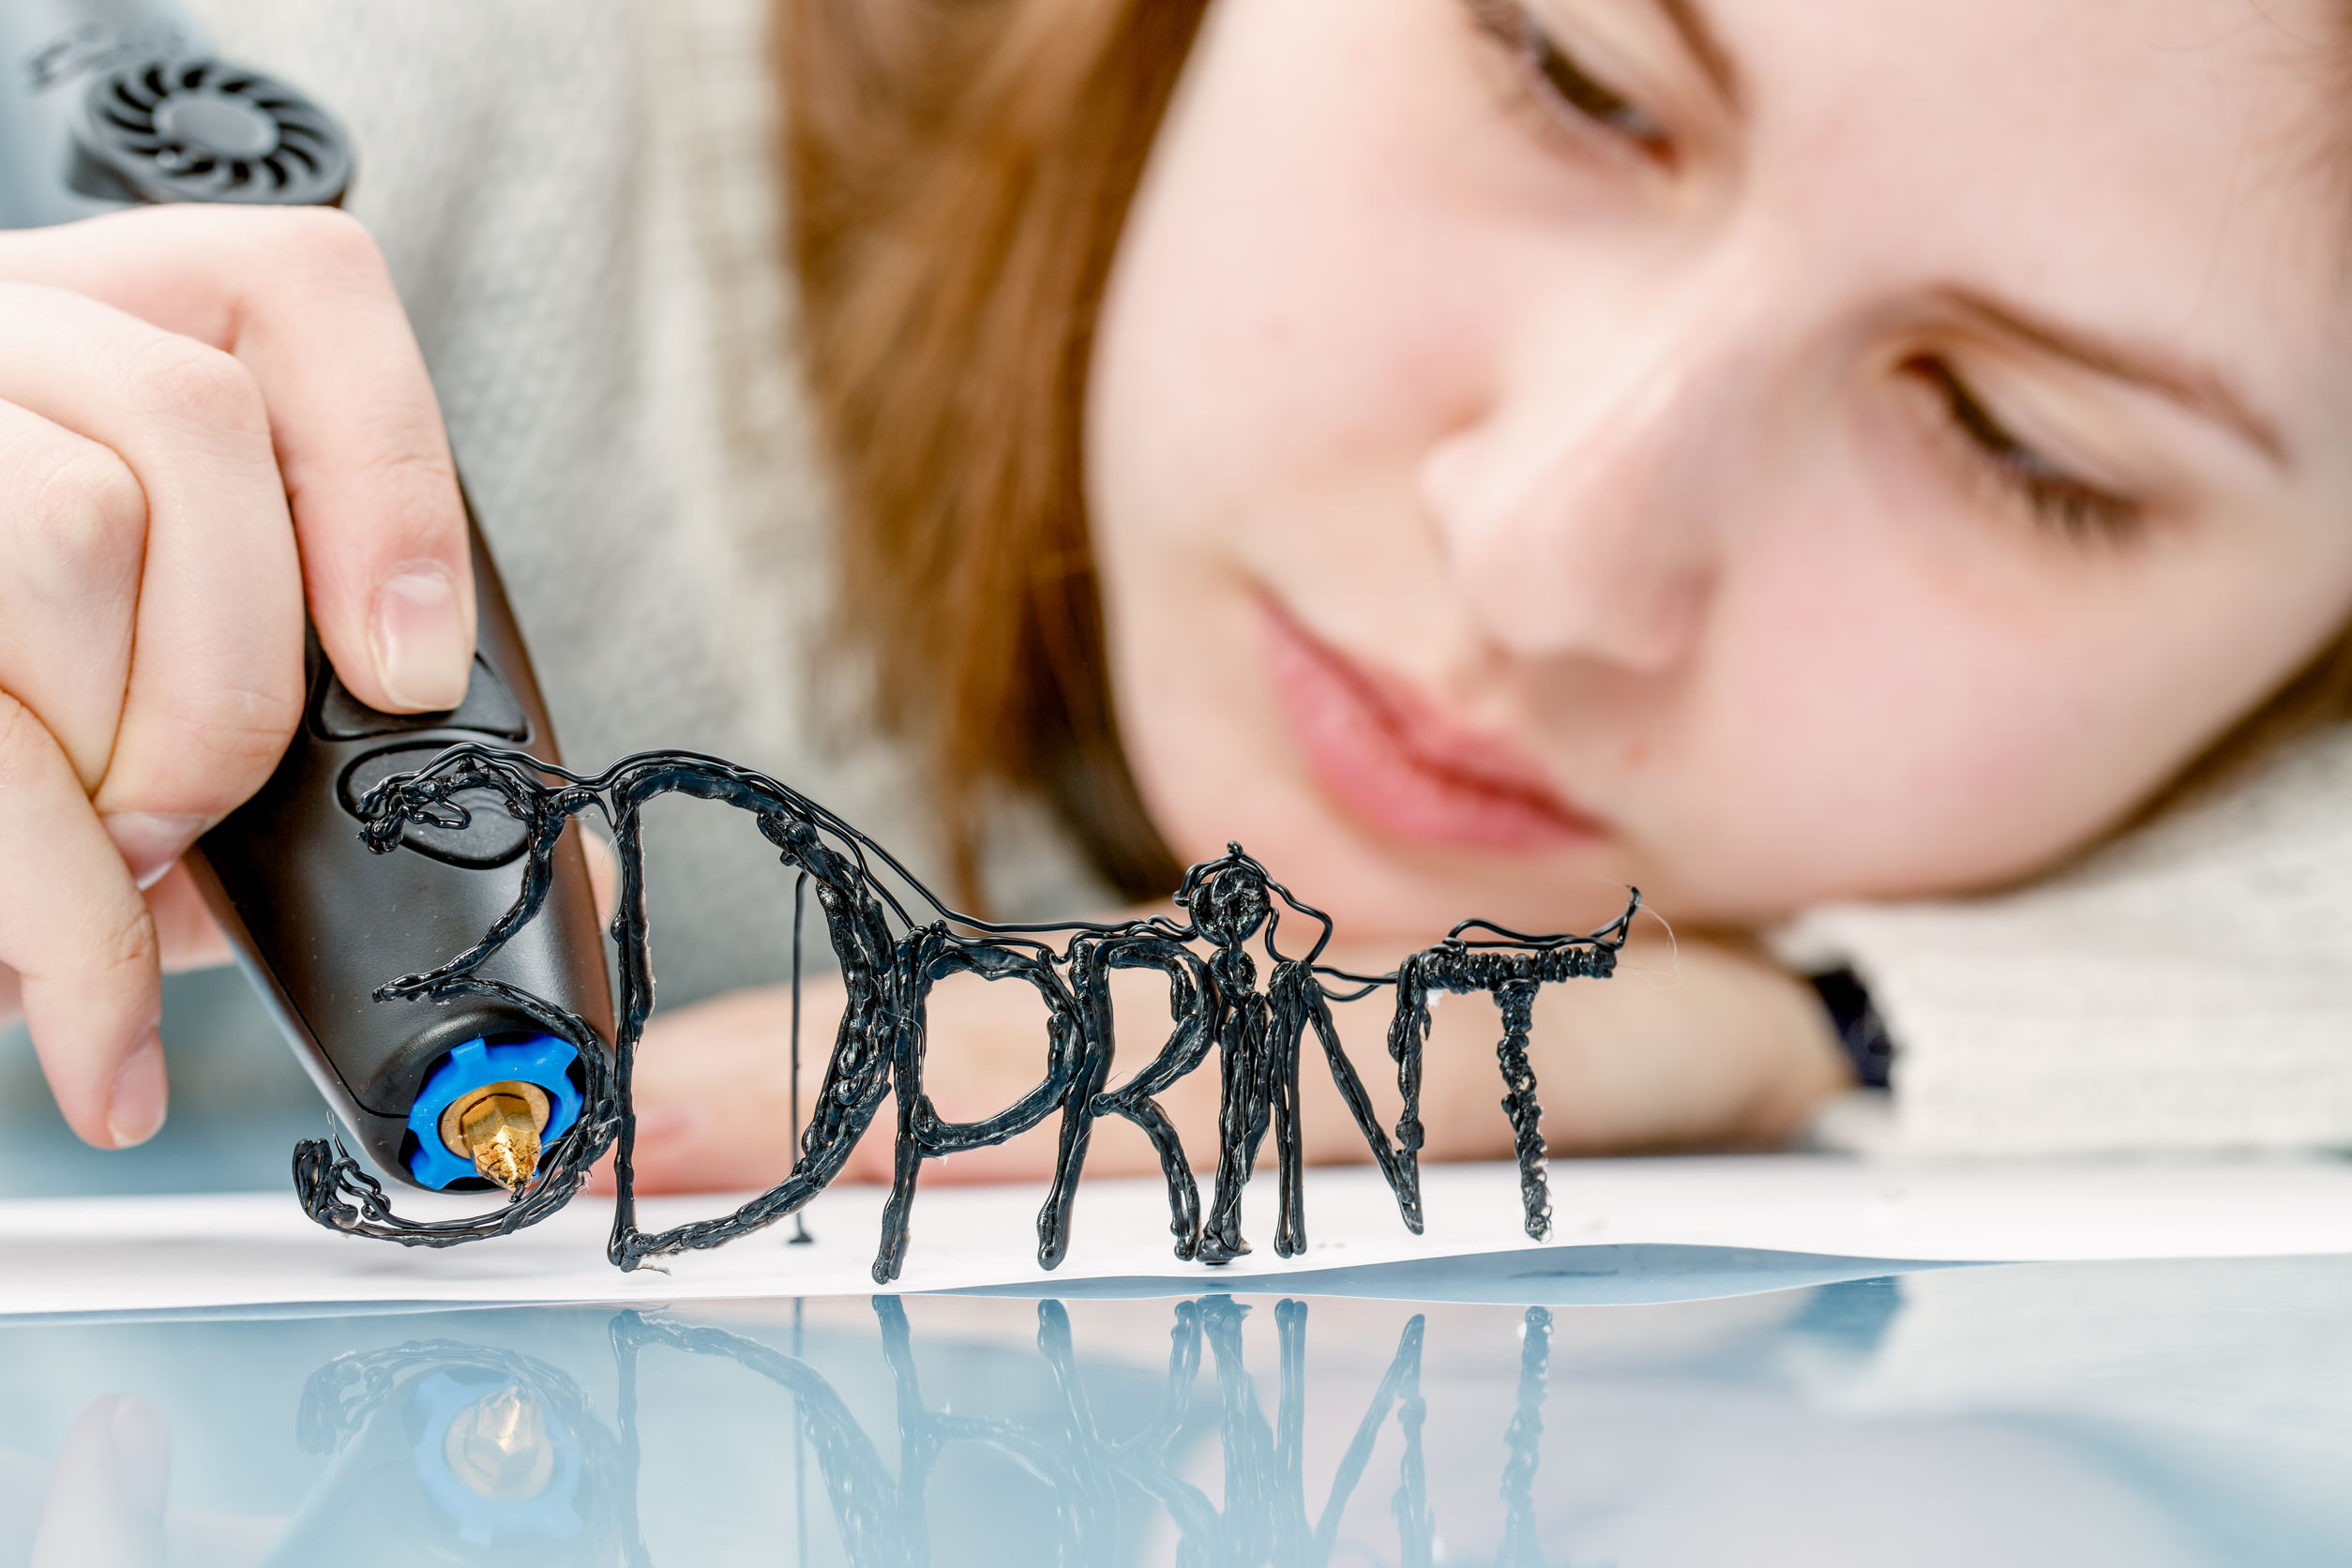 Imagem mostra uma mulher fazendo um trabalho artesanal com uma caneta 3D.